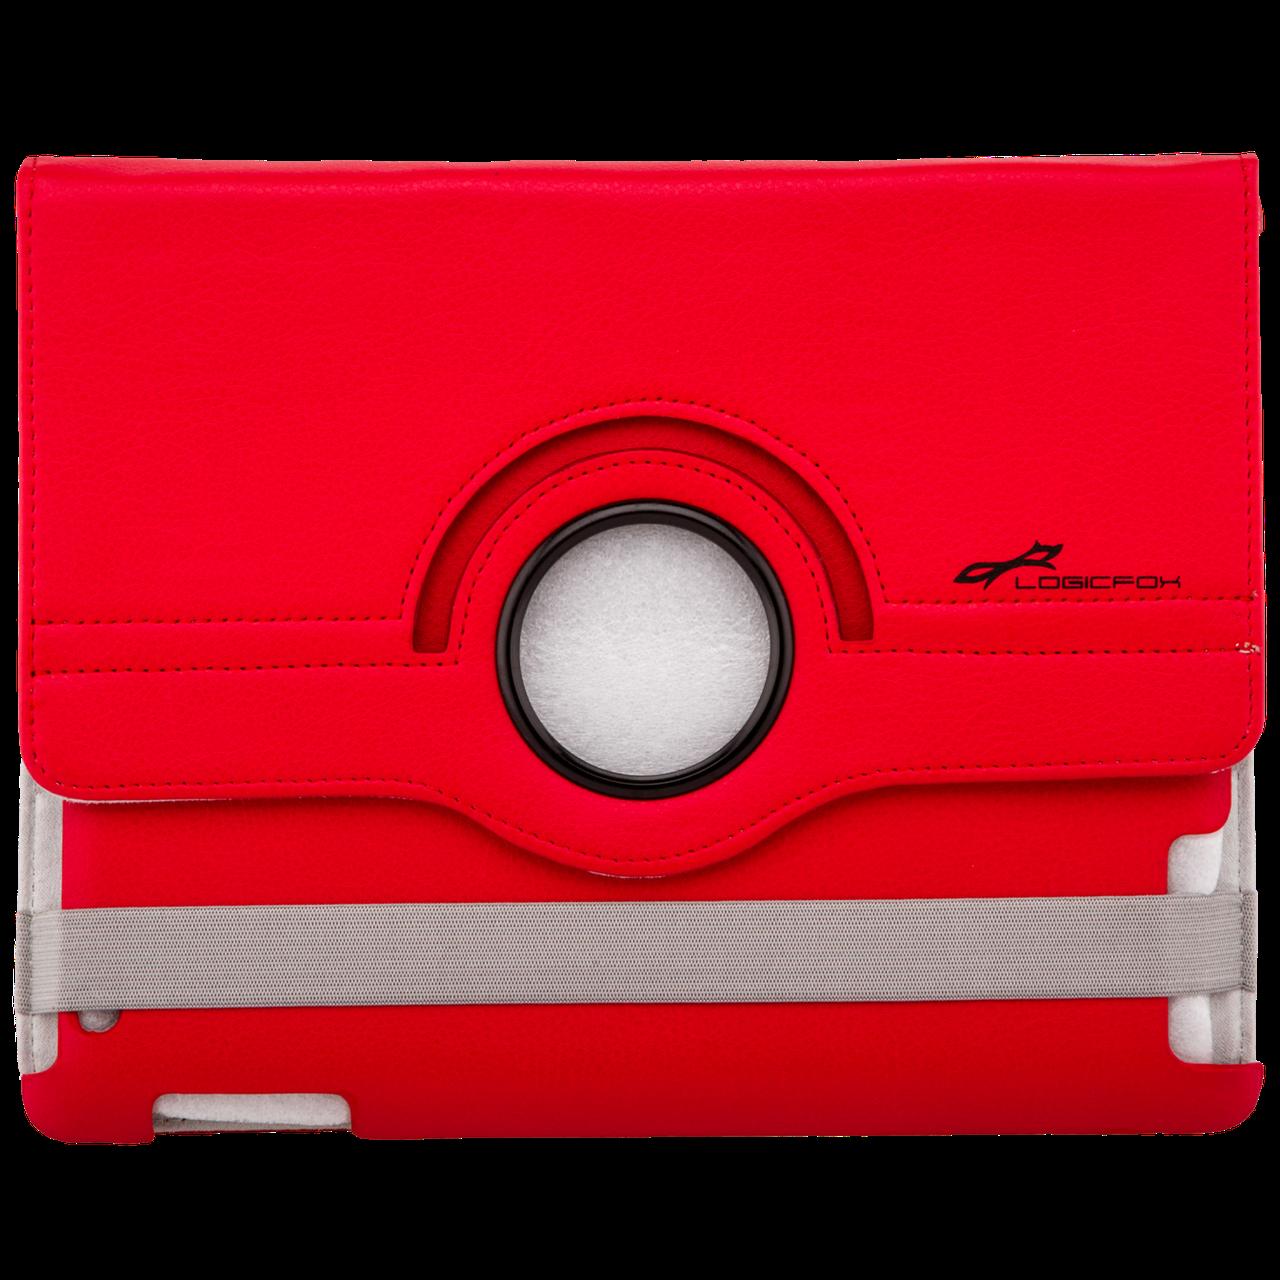 """Чехол с подставкой для iPad, планшета LF-832RD до 9.7"""" кожзам, красный"""